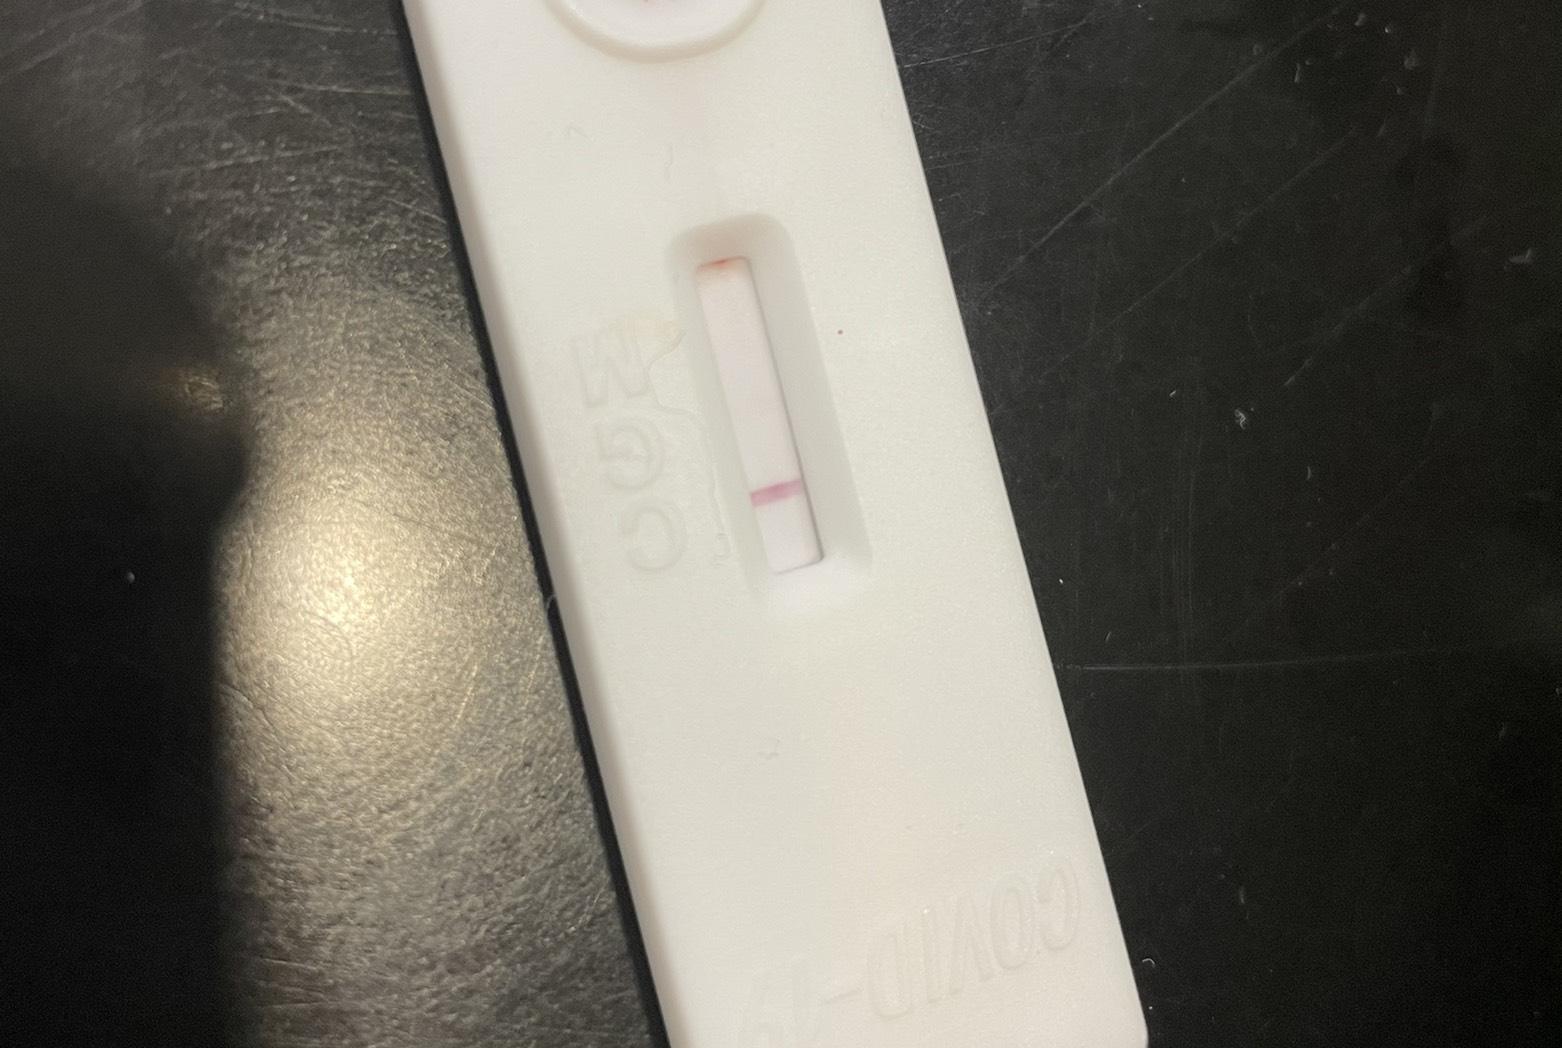 抗体検査の結果